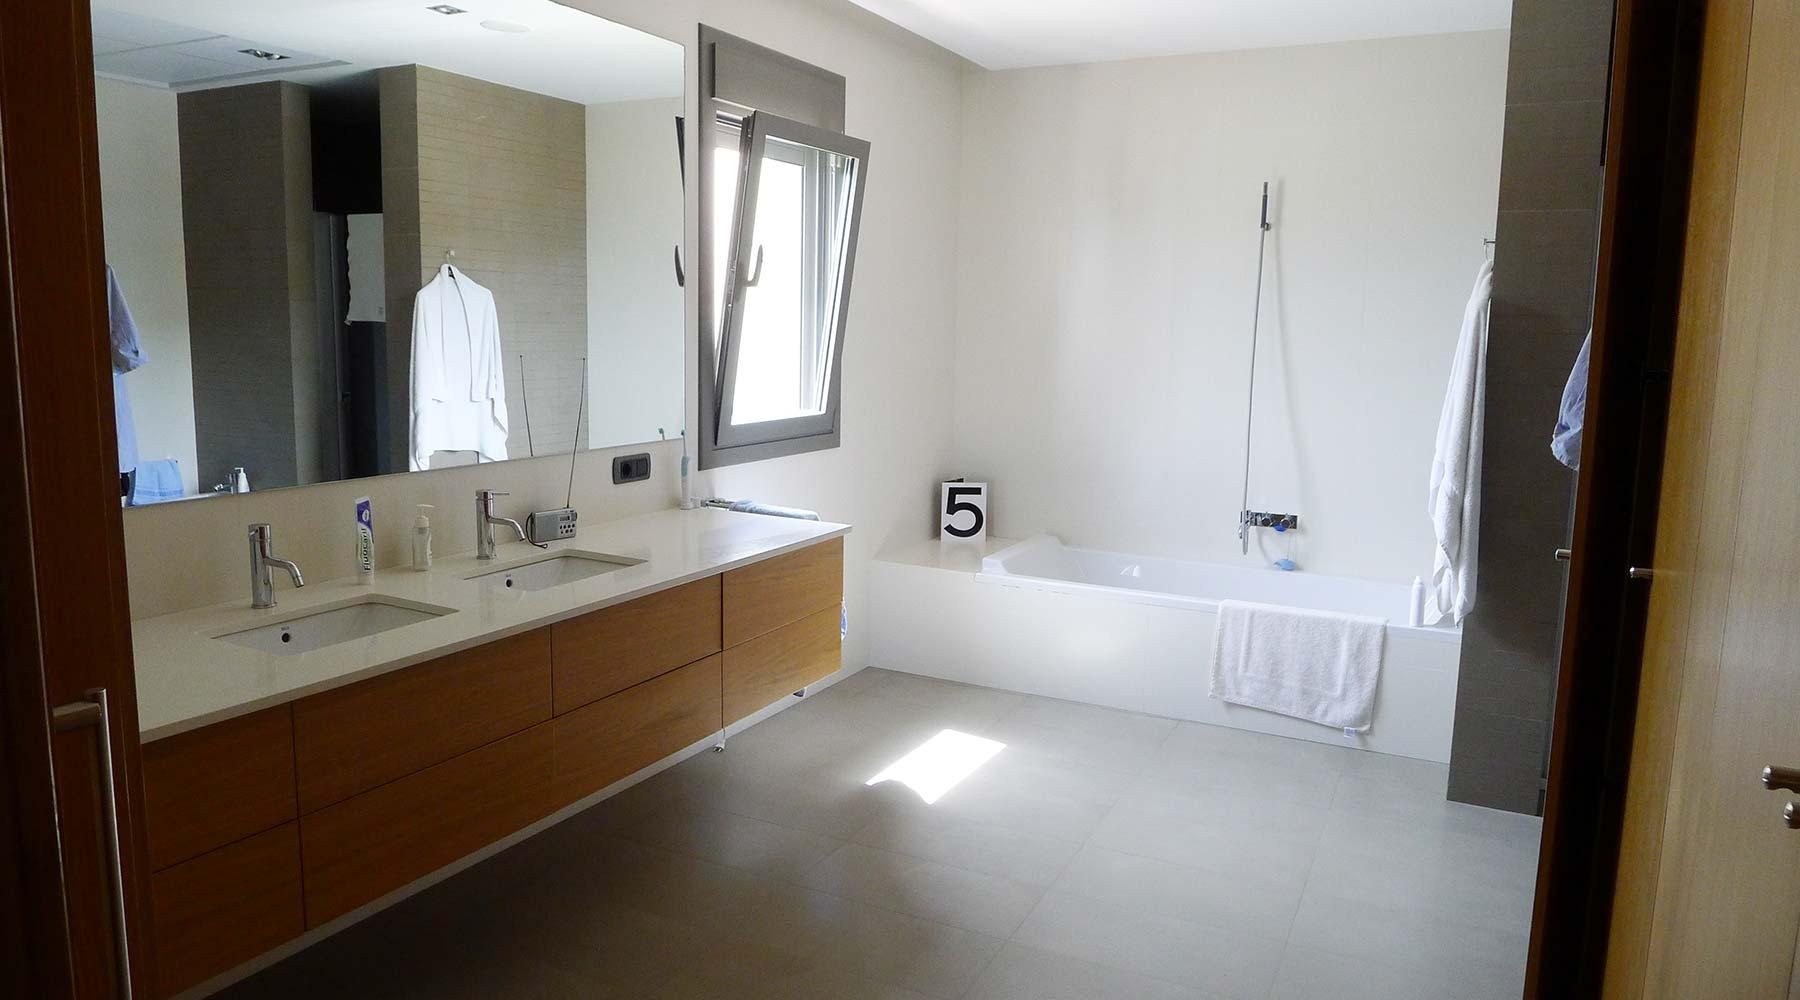 Cuarto de baño con lavabos en mueble de madera